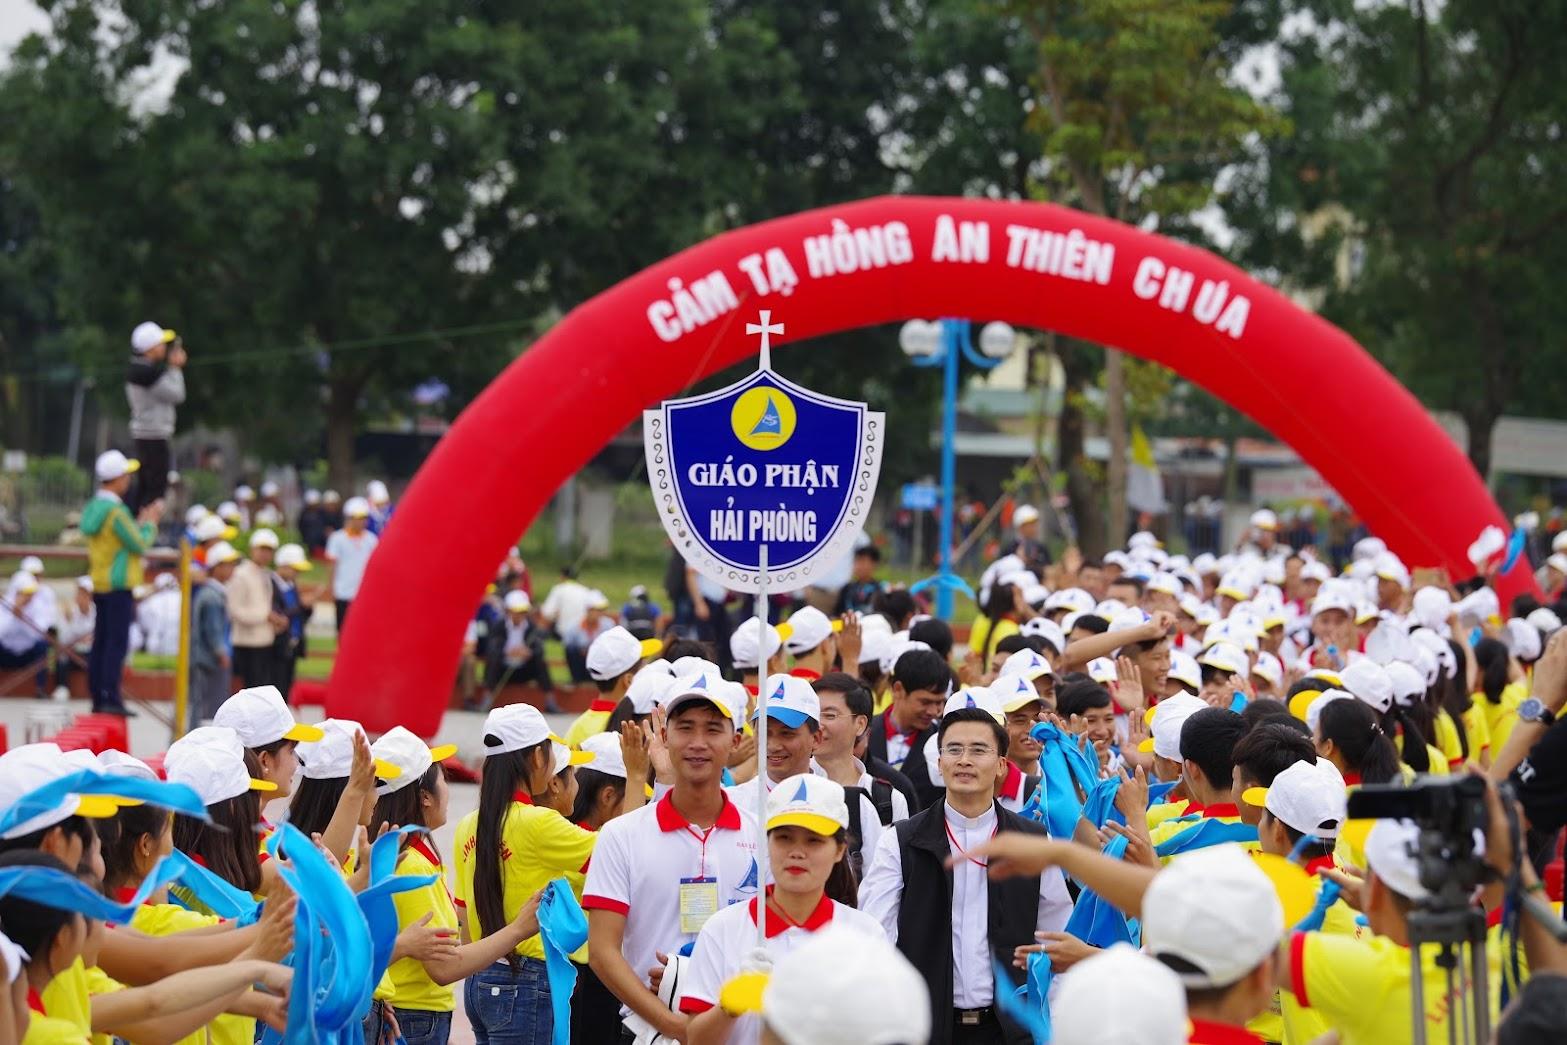 Những hình ảnh đẹp về lễ khai mạc Đại Hội Giới Trẻ giáo tỉnh Hà Nội lần thứ XV tại Thanh Hóa - Ảnh minh hoạ 4